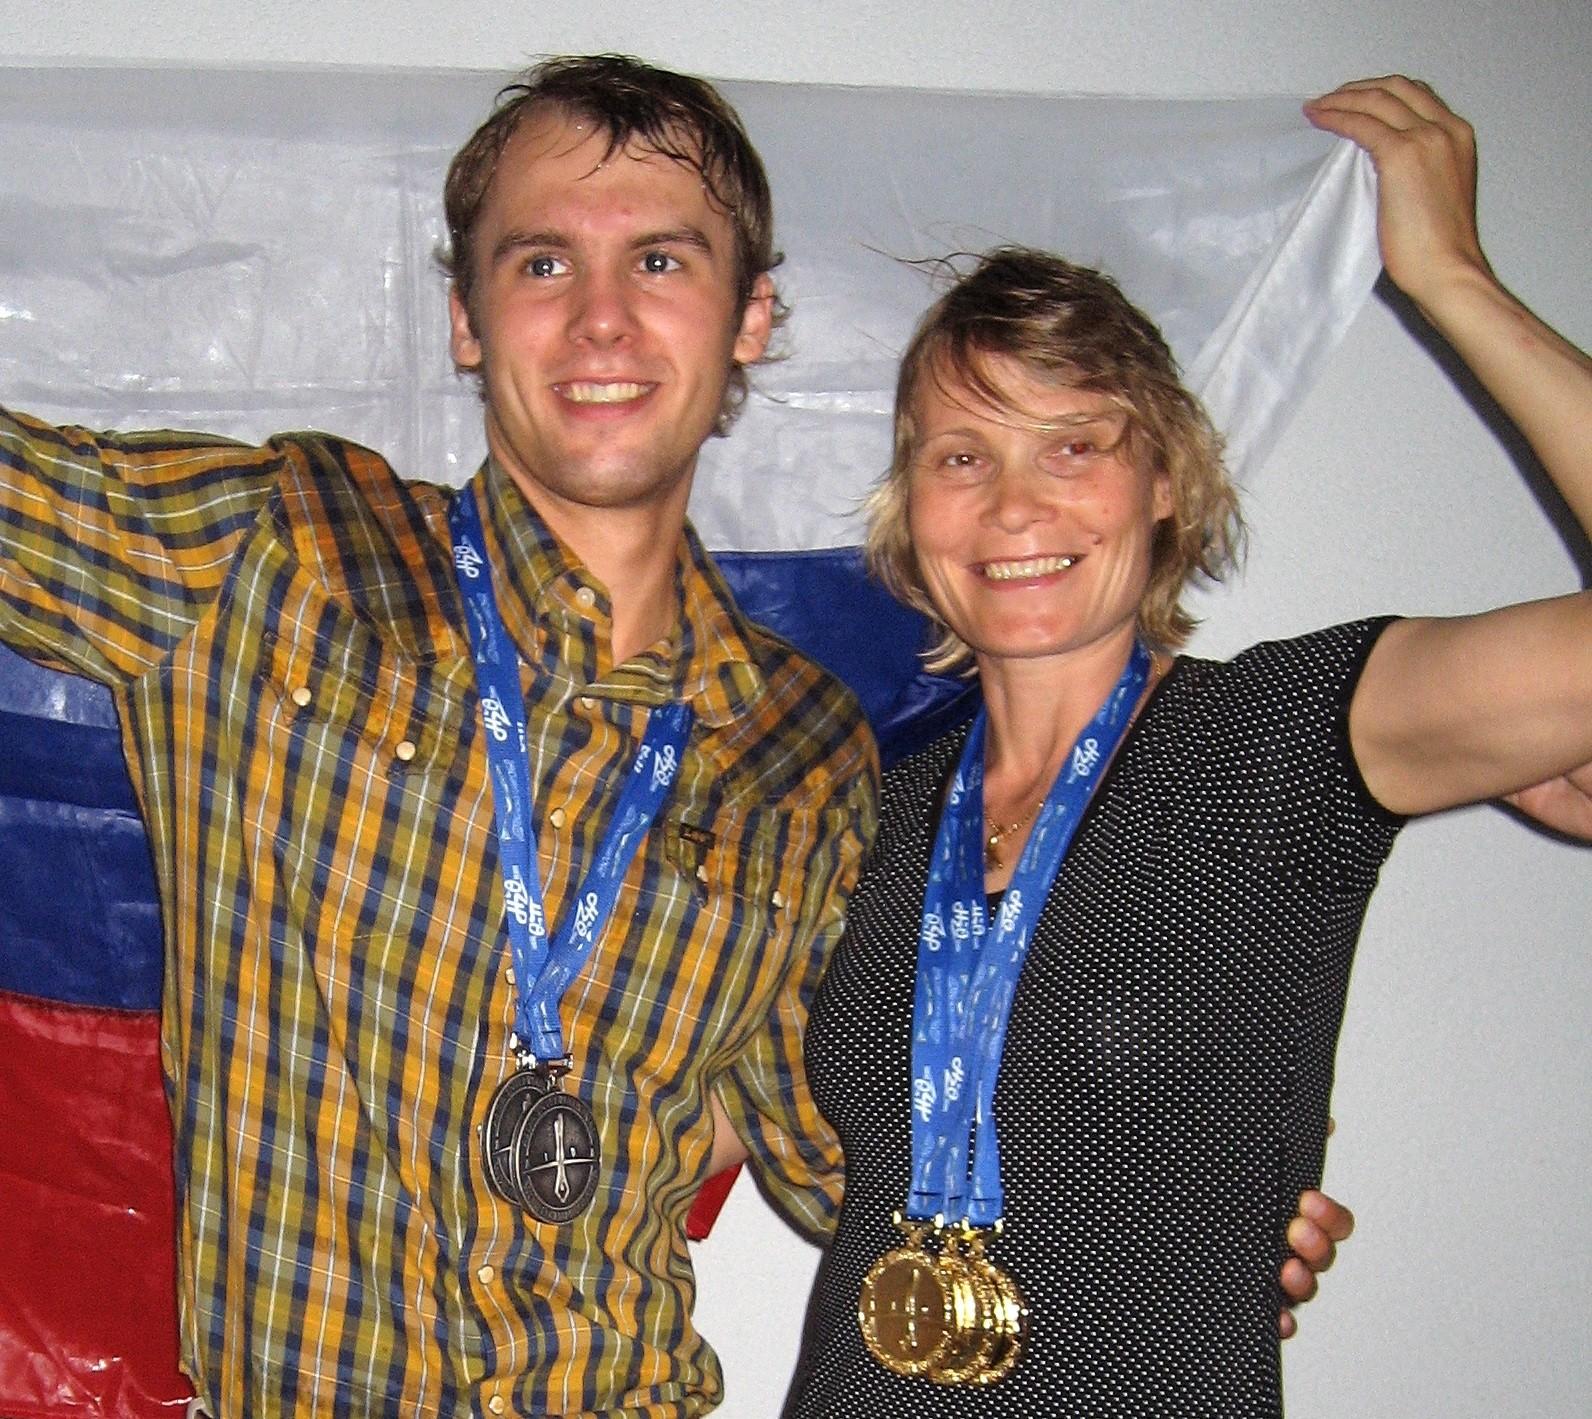 Aleksêi Moltchanov com a mãe Natália Moltchanova, em 2007